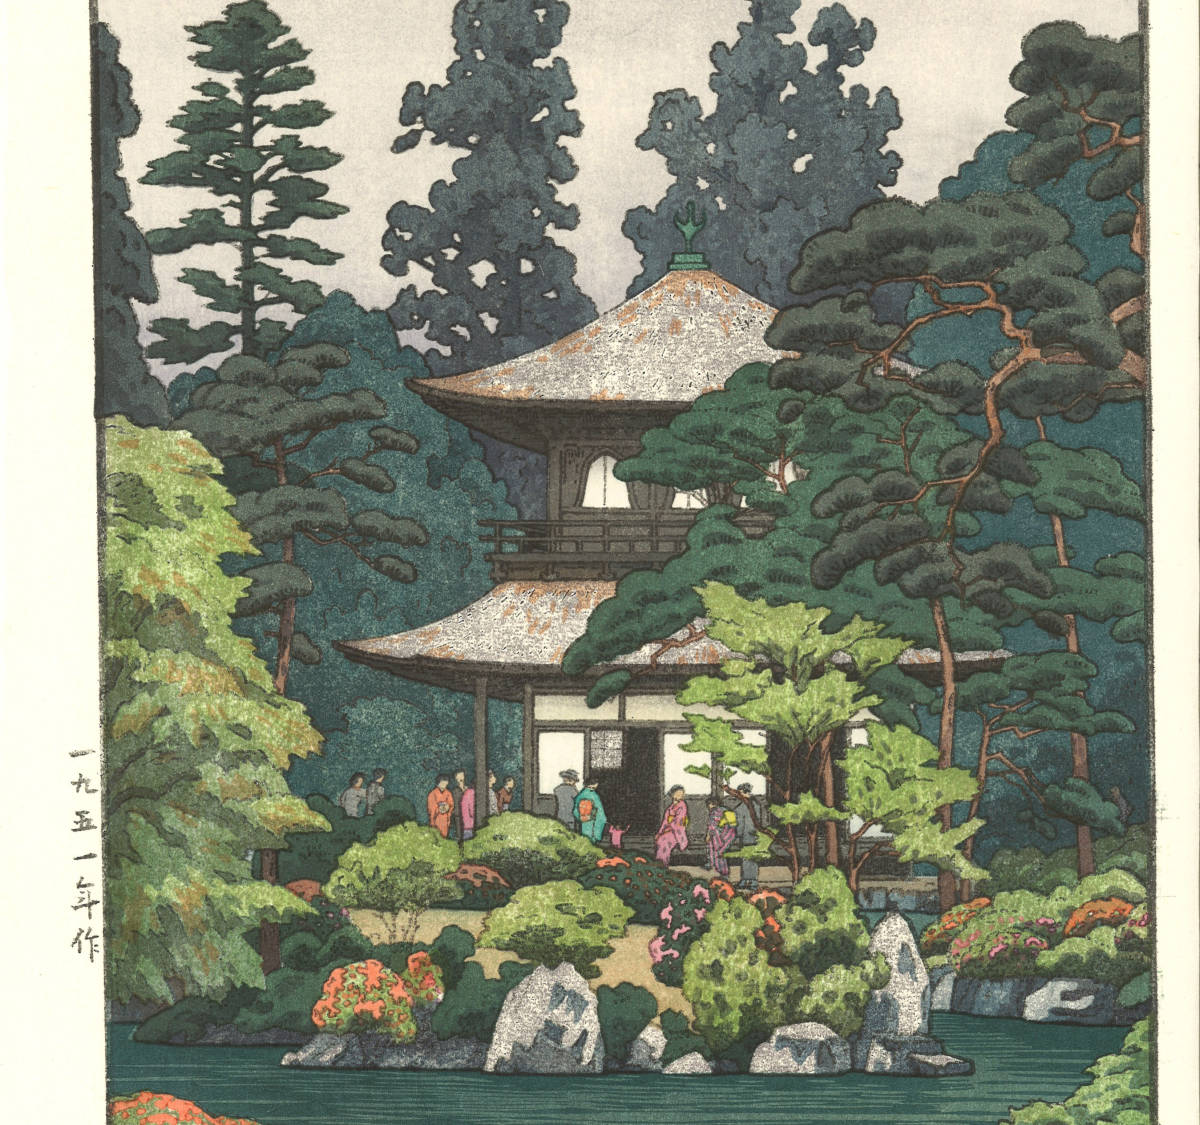 吉田遠志 木版画 015112 銀閣 Silver pavilion kyoto 初摺1951年   最高峰の摺師の技をご堪能下さい!!_画像4